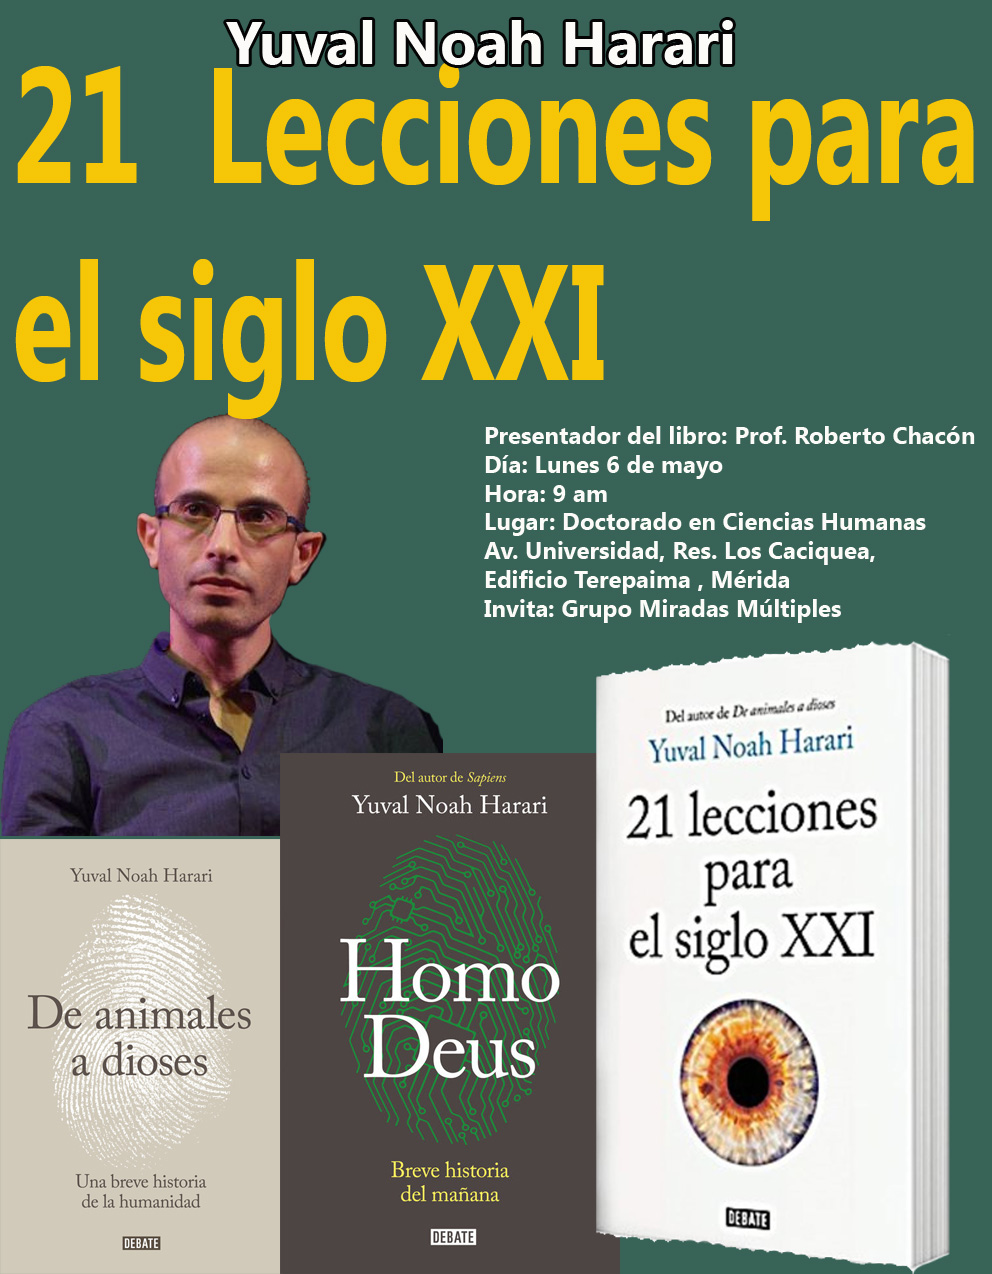 d6558221e6 Presentación y discusión del libro 21 Lecciones para el siglo XXI de Yuval  Noah Harari - Expositor  Prof. Roberto Chacón